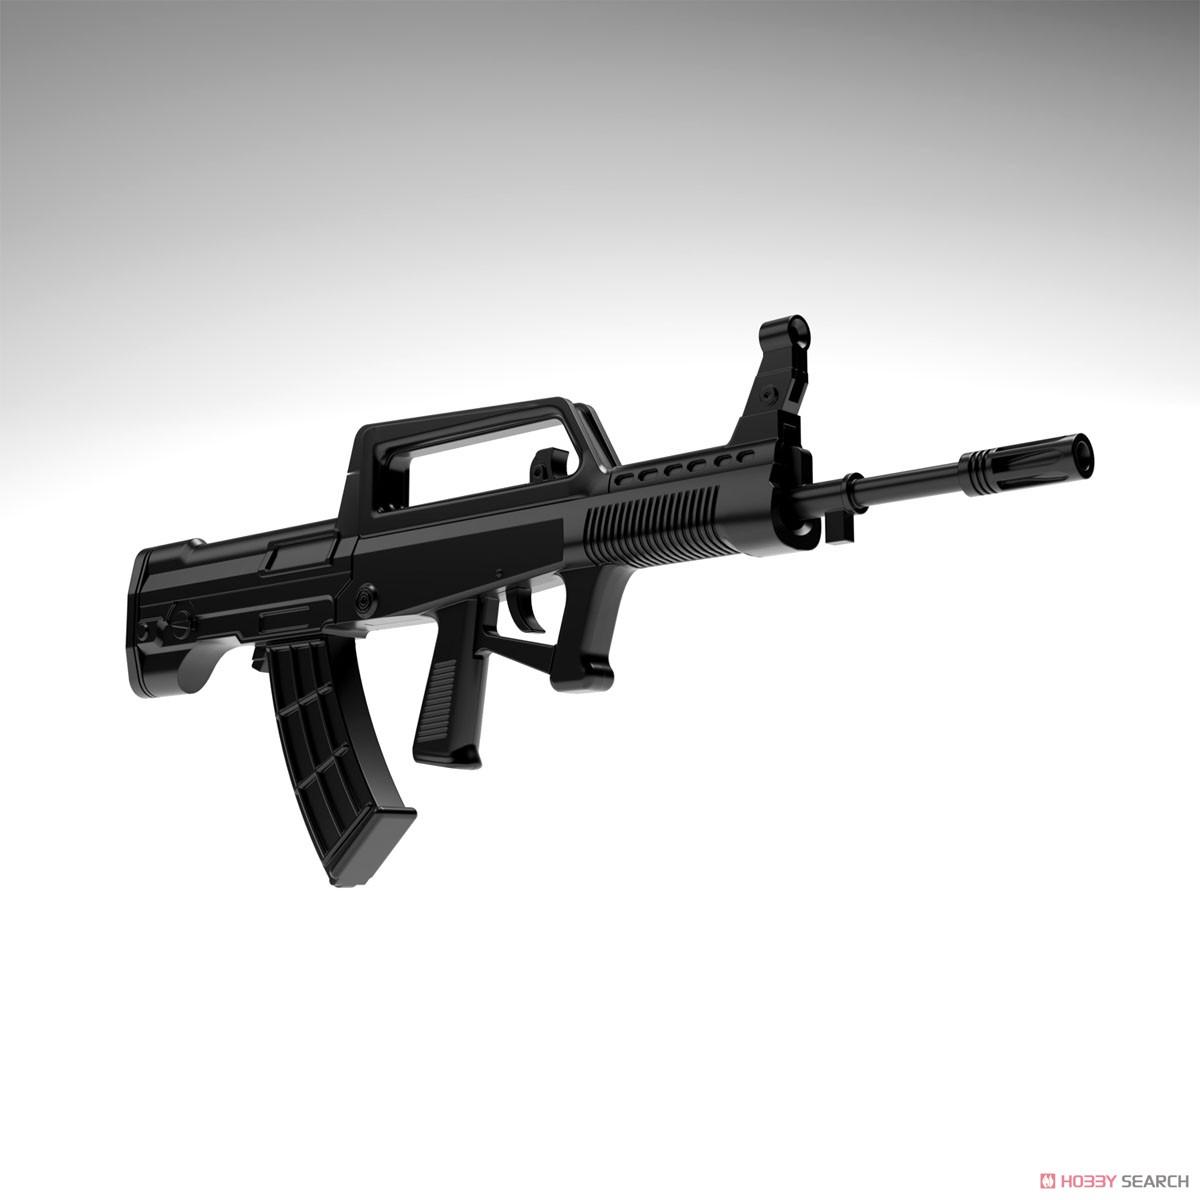 リトルアーモリー LADF01『ドールズフロントライン95式自動歩槍タイプ』1/12 プラモデル-004